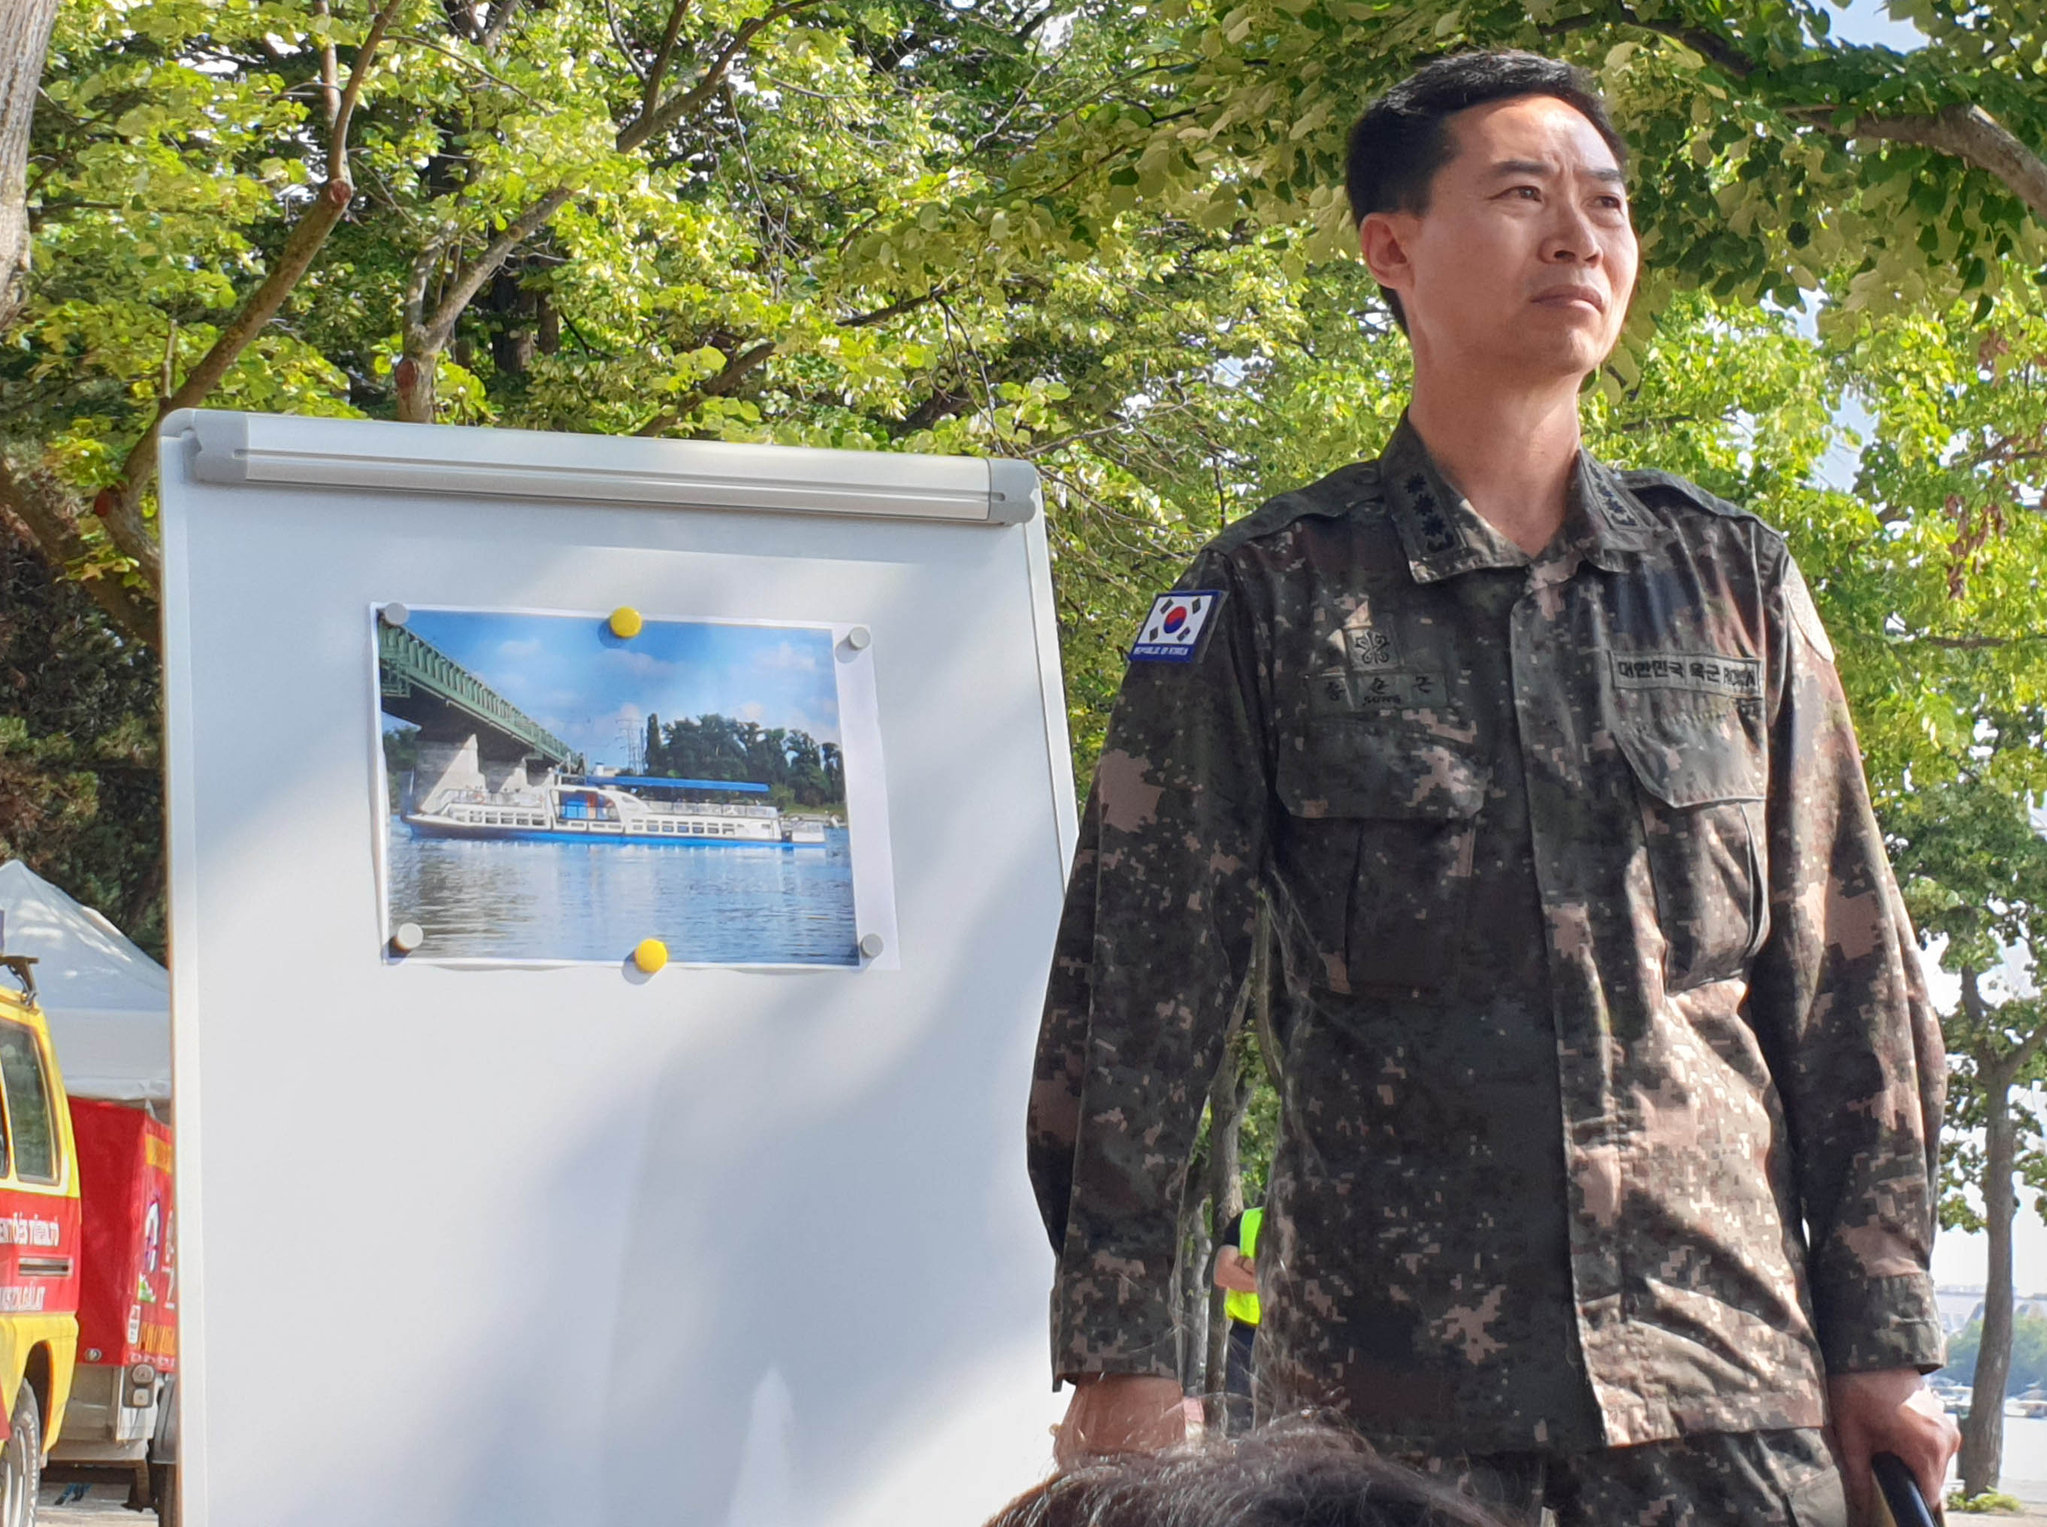 5일(현지시간) 헝가리 부다페스트 머르기트 섬에 마련된 한국측 CP 앞에서 송순근 주헝가리 대사관 국방무관이 브리핑을 하고 있다. [연합뉴스]